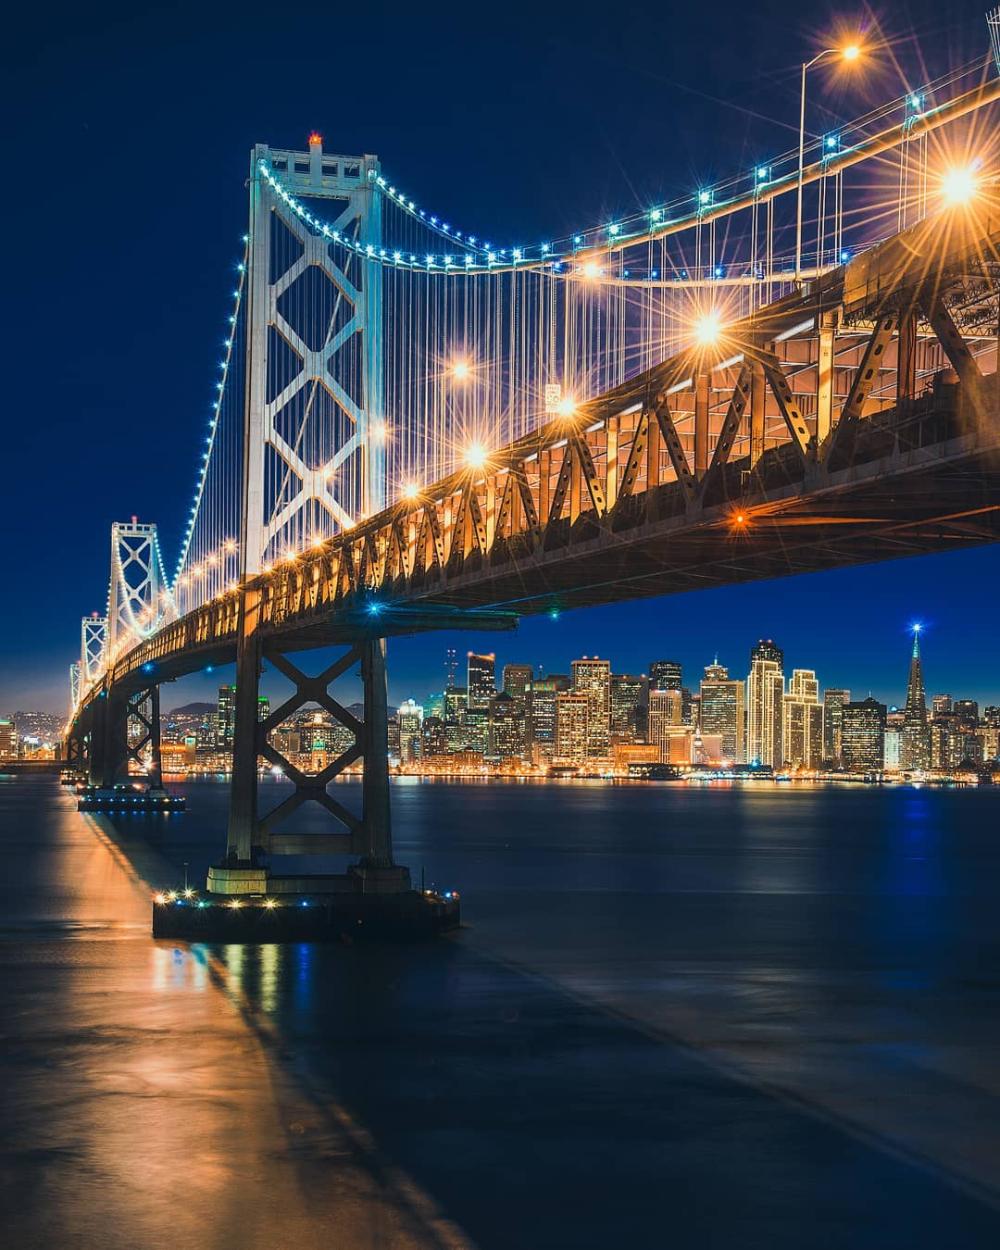 Bay Bridge San Francisco California By Piriya Wongkongkathep Pete On Instagram Bay Bridge San Francisco San Francisco California Bay Bridge